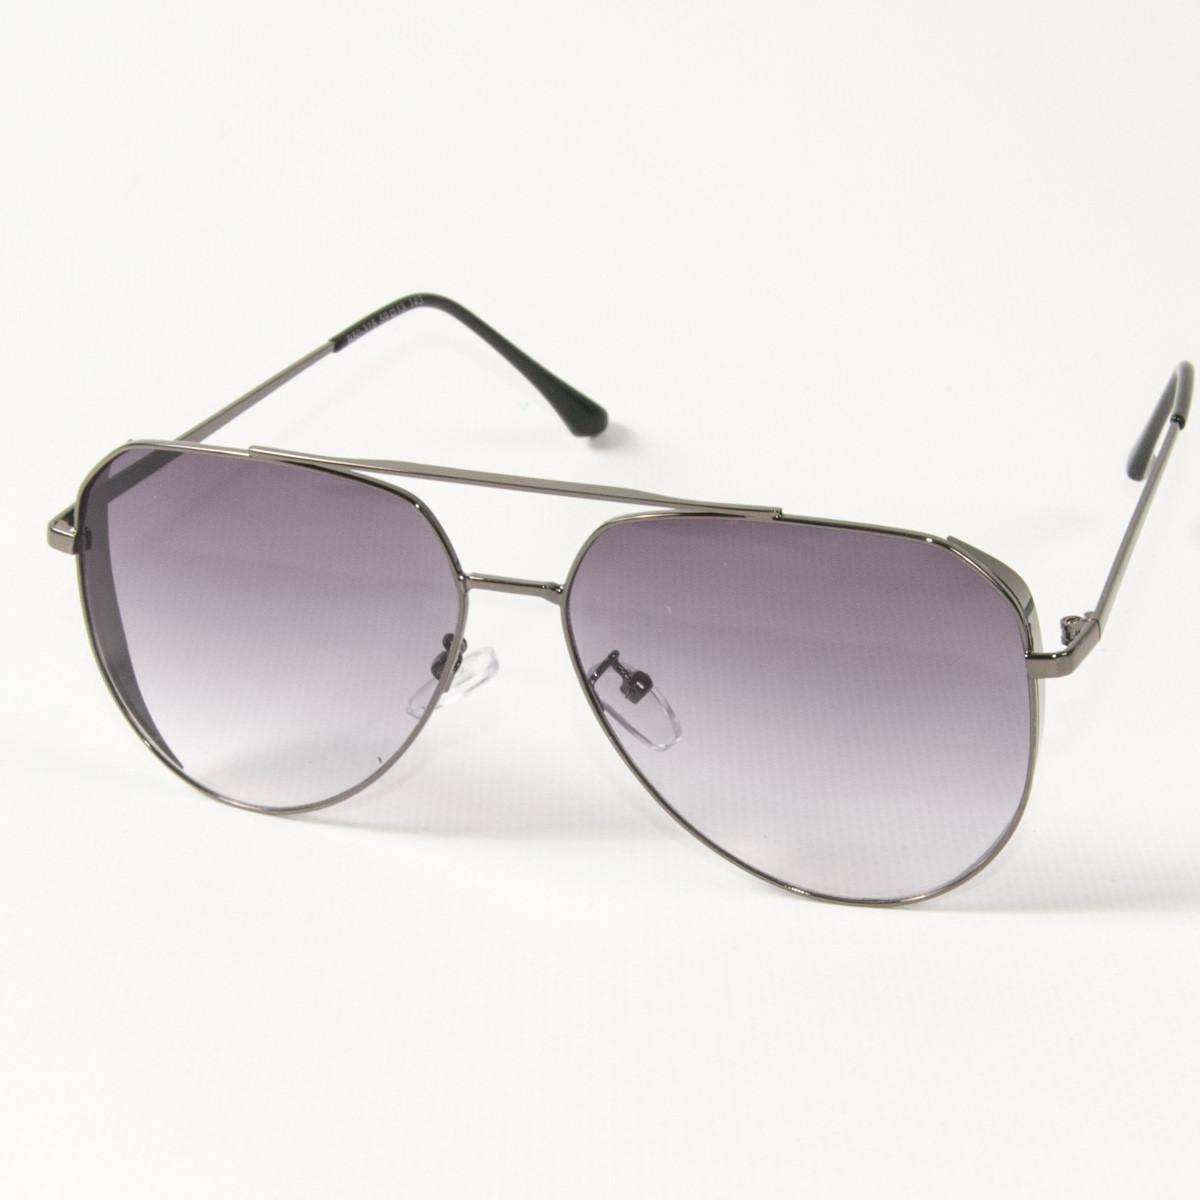 Оптом солнцезащитные очки авиаторы (арт. B80-315/2) фиолетовые